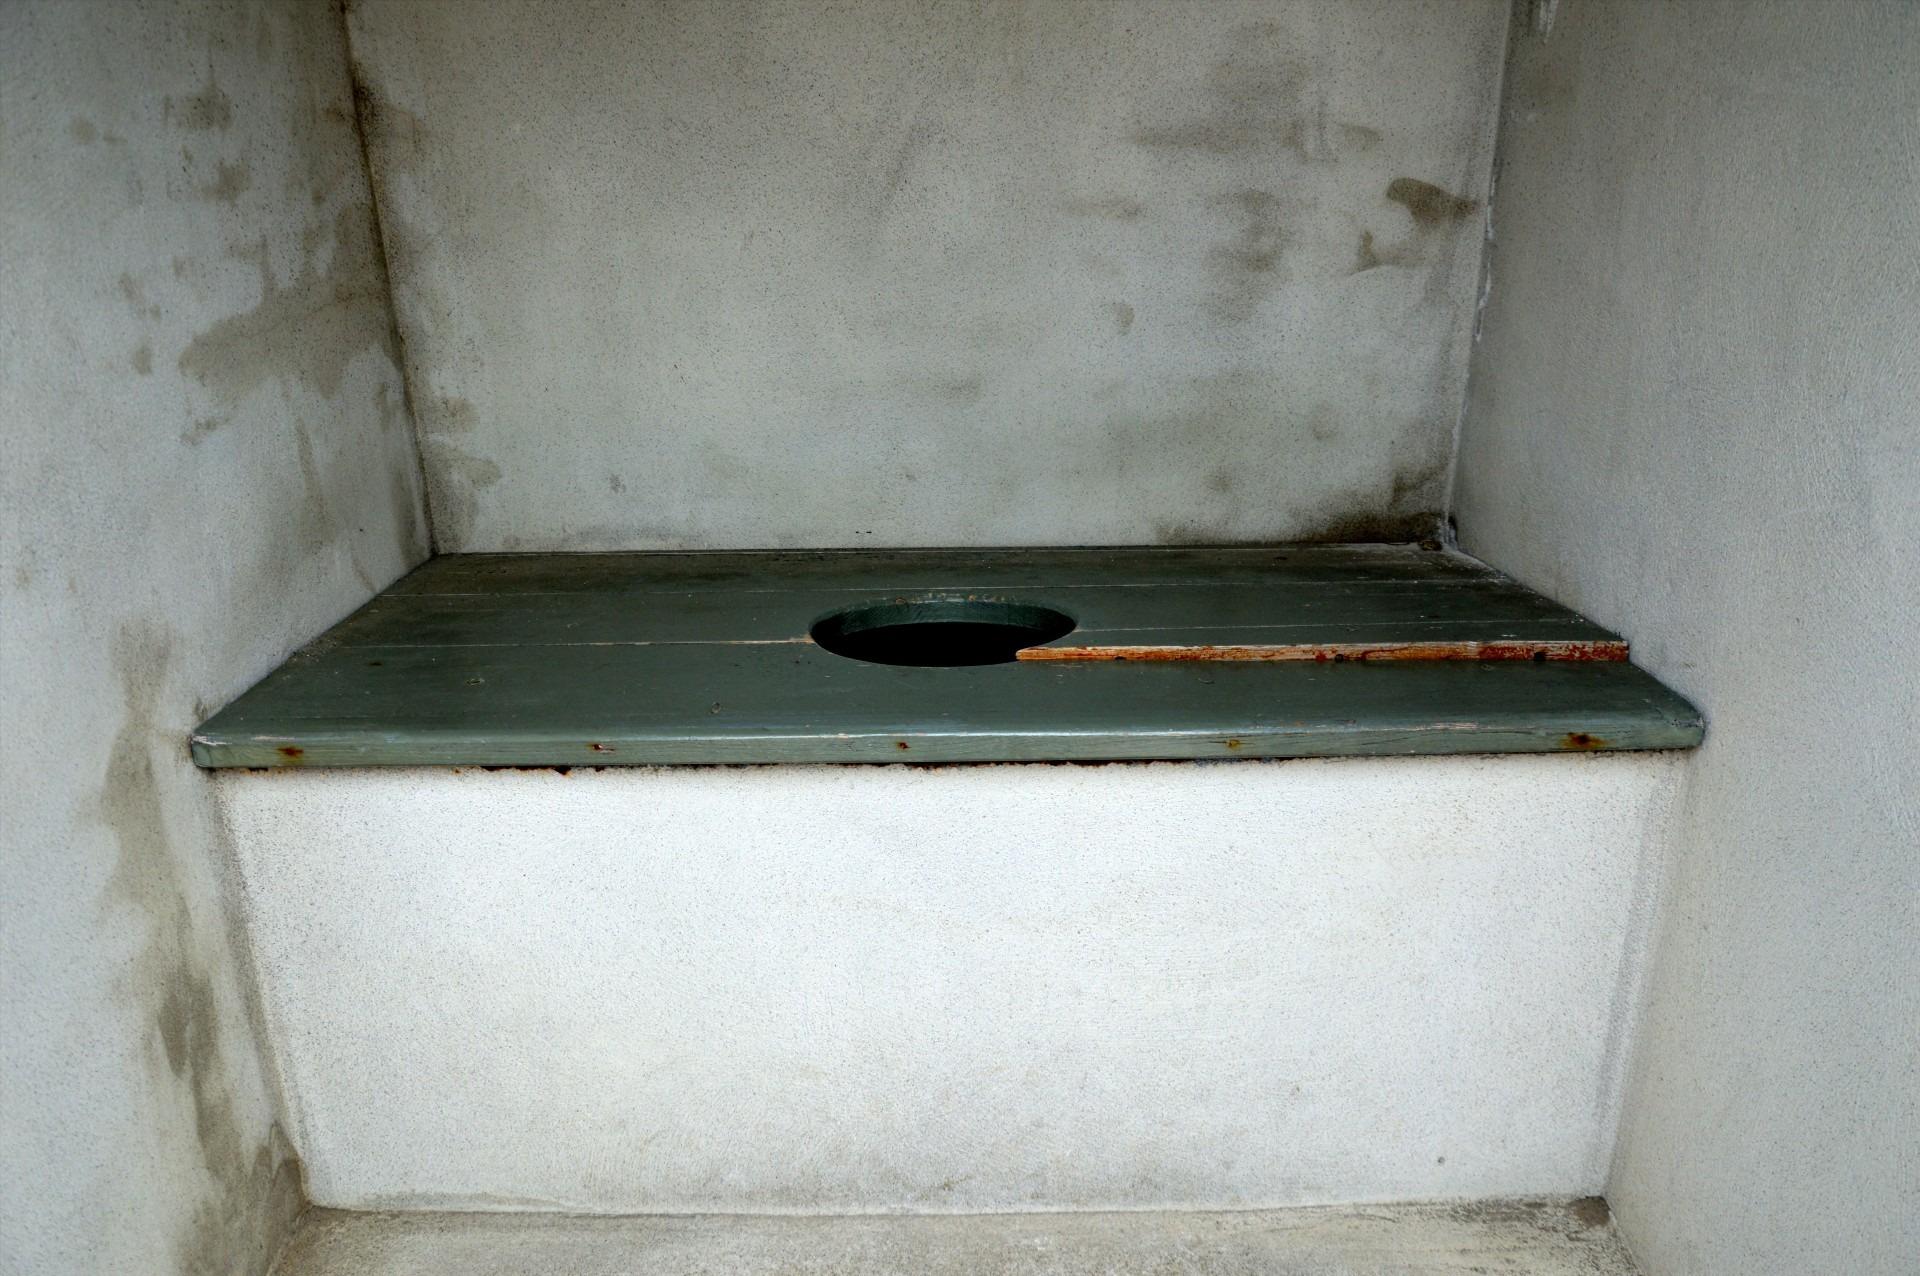 Fotos Gratis Casa Piso Pared Mueble Habitaci N Guerra  # Doy Muebles Gratis